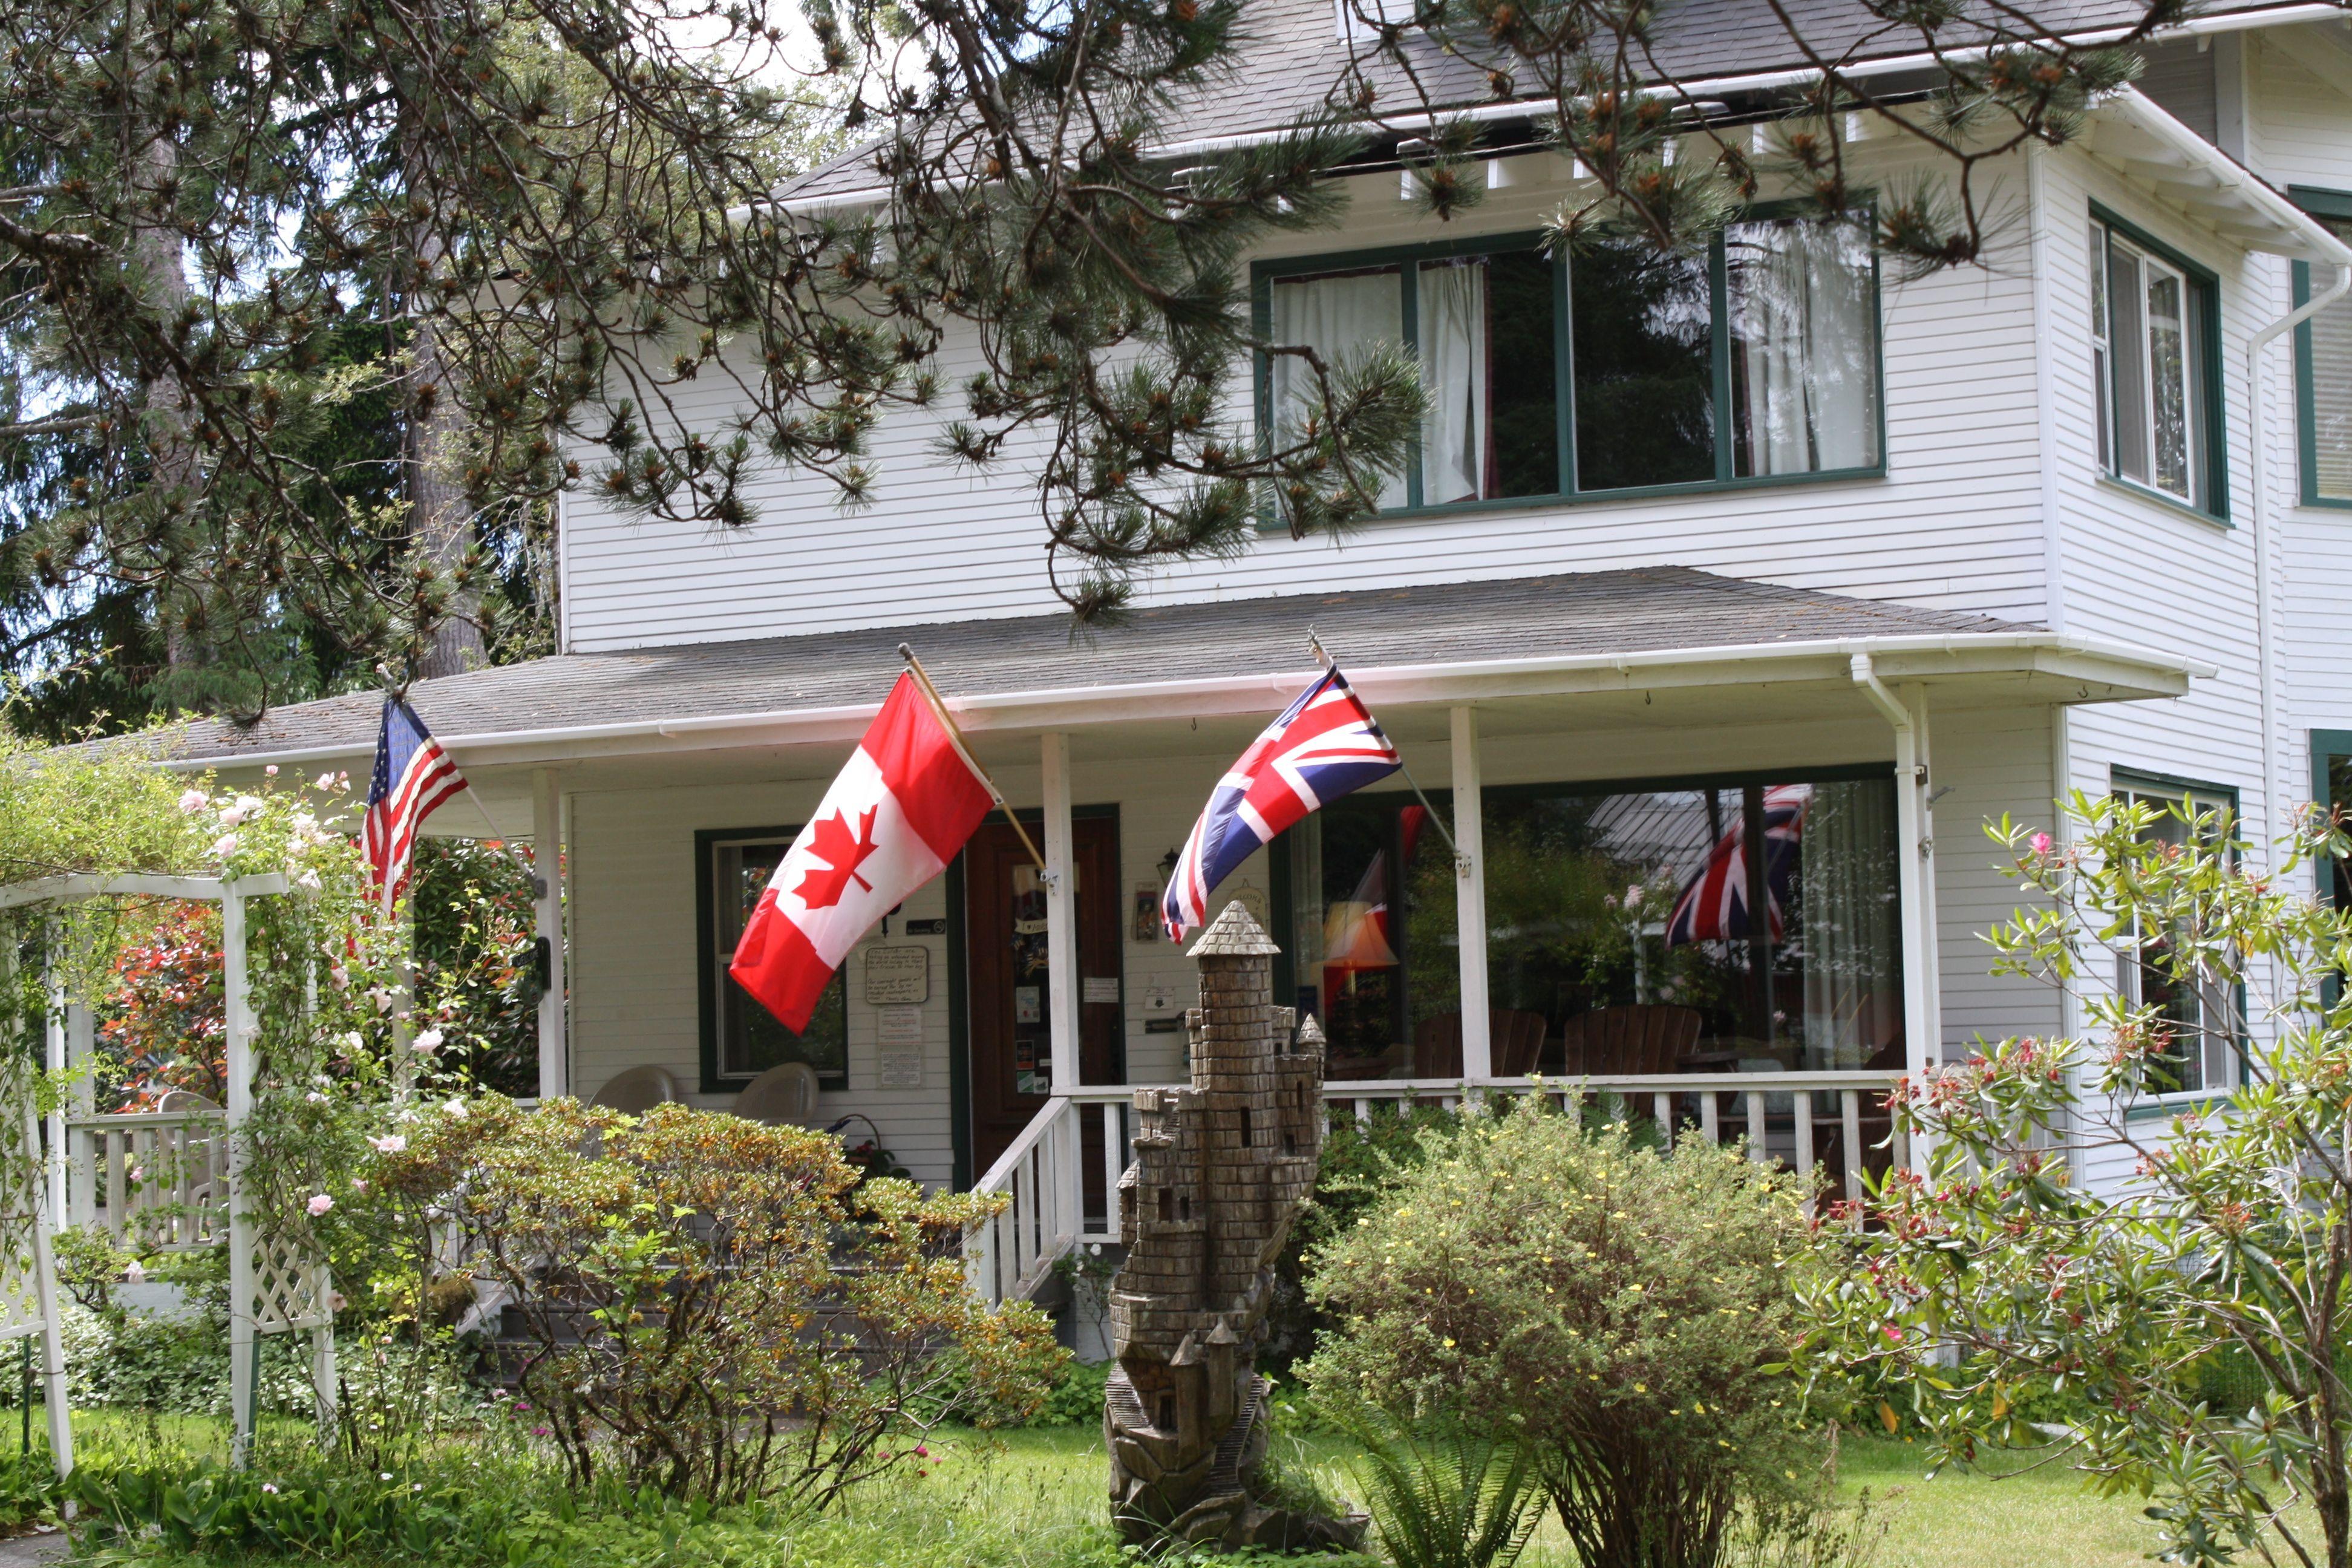 Cullen S House Forks Wa Washington State Decor Home Decor